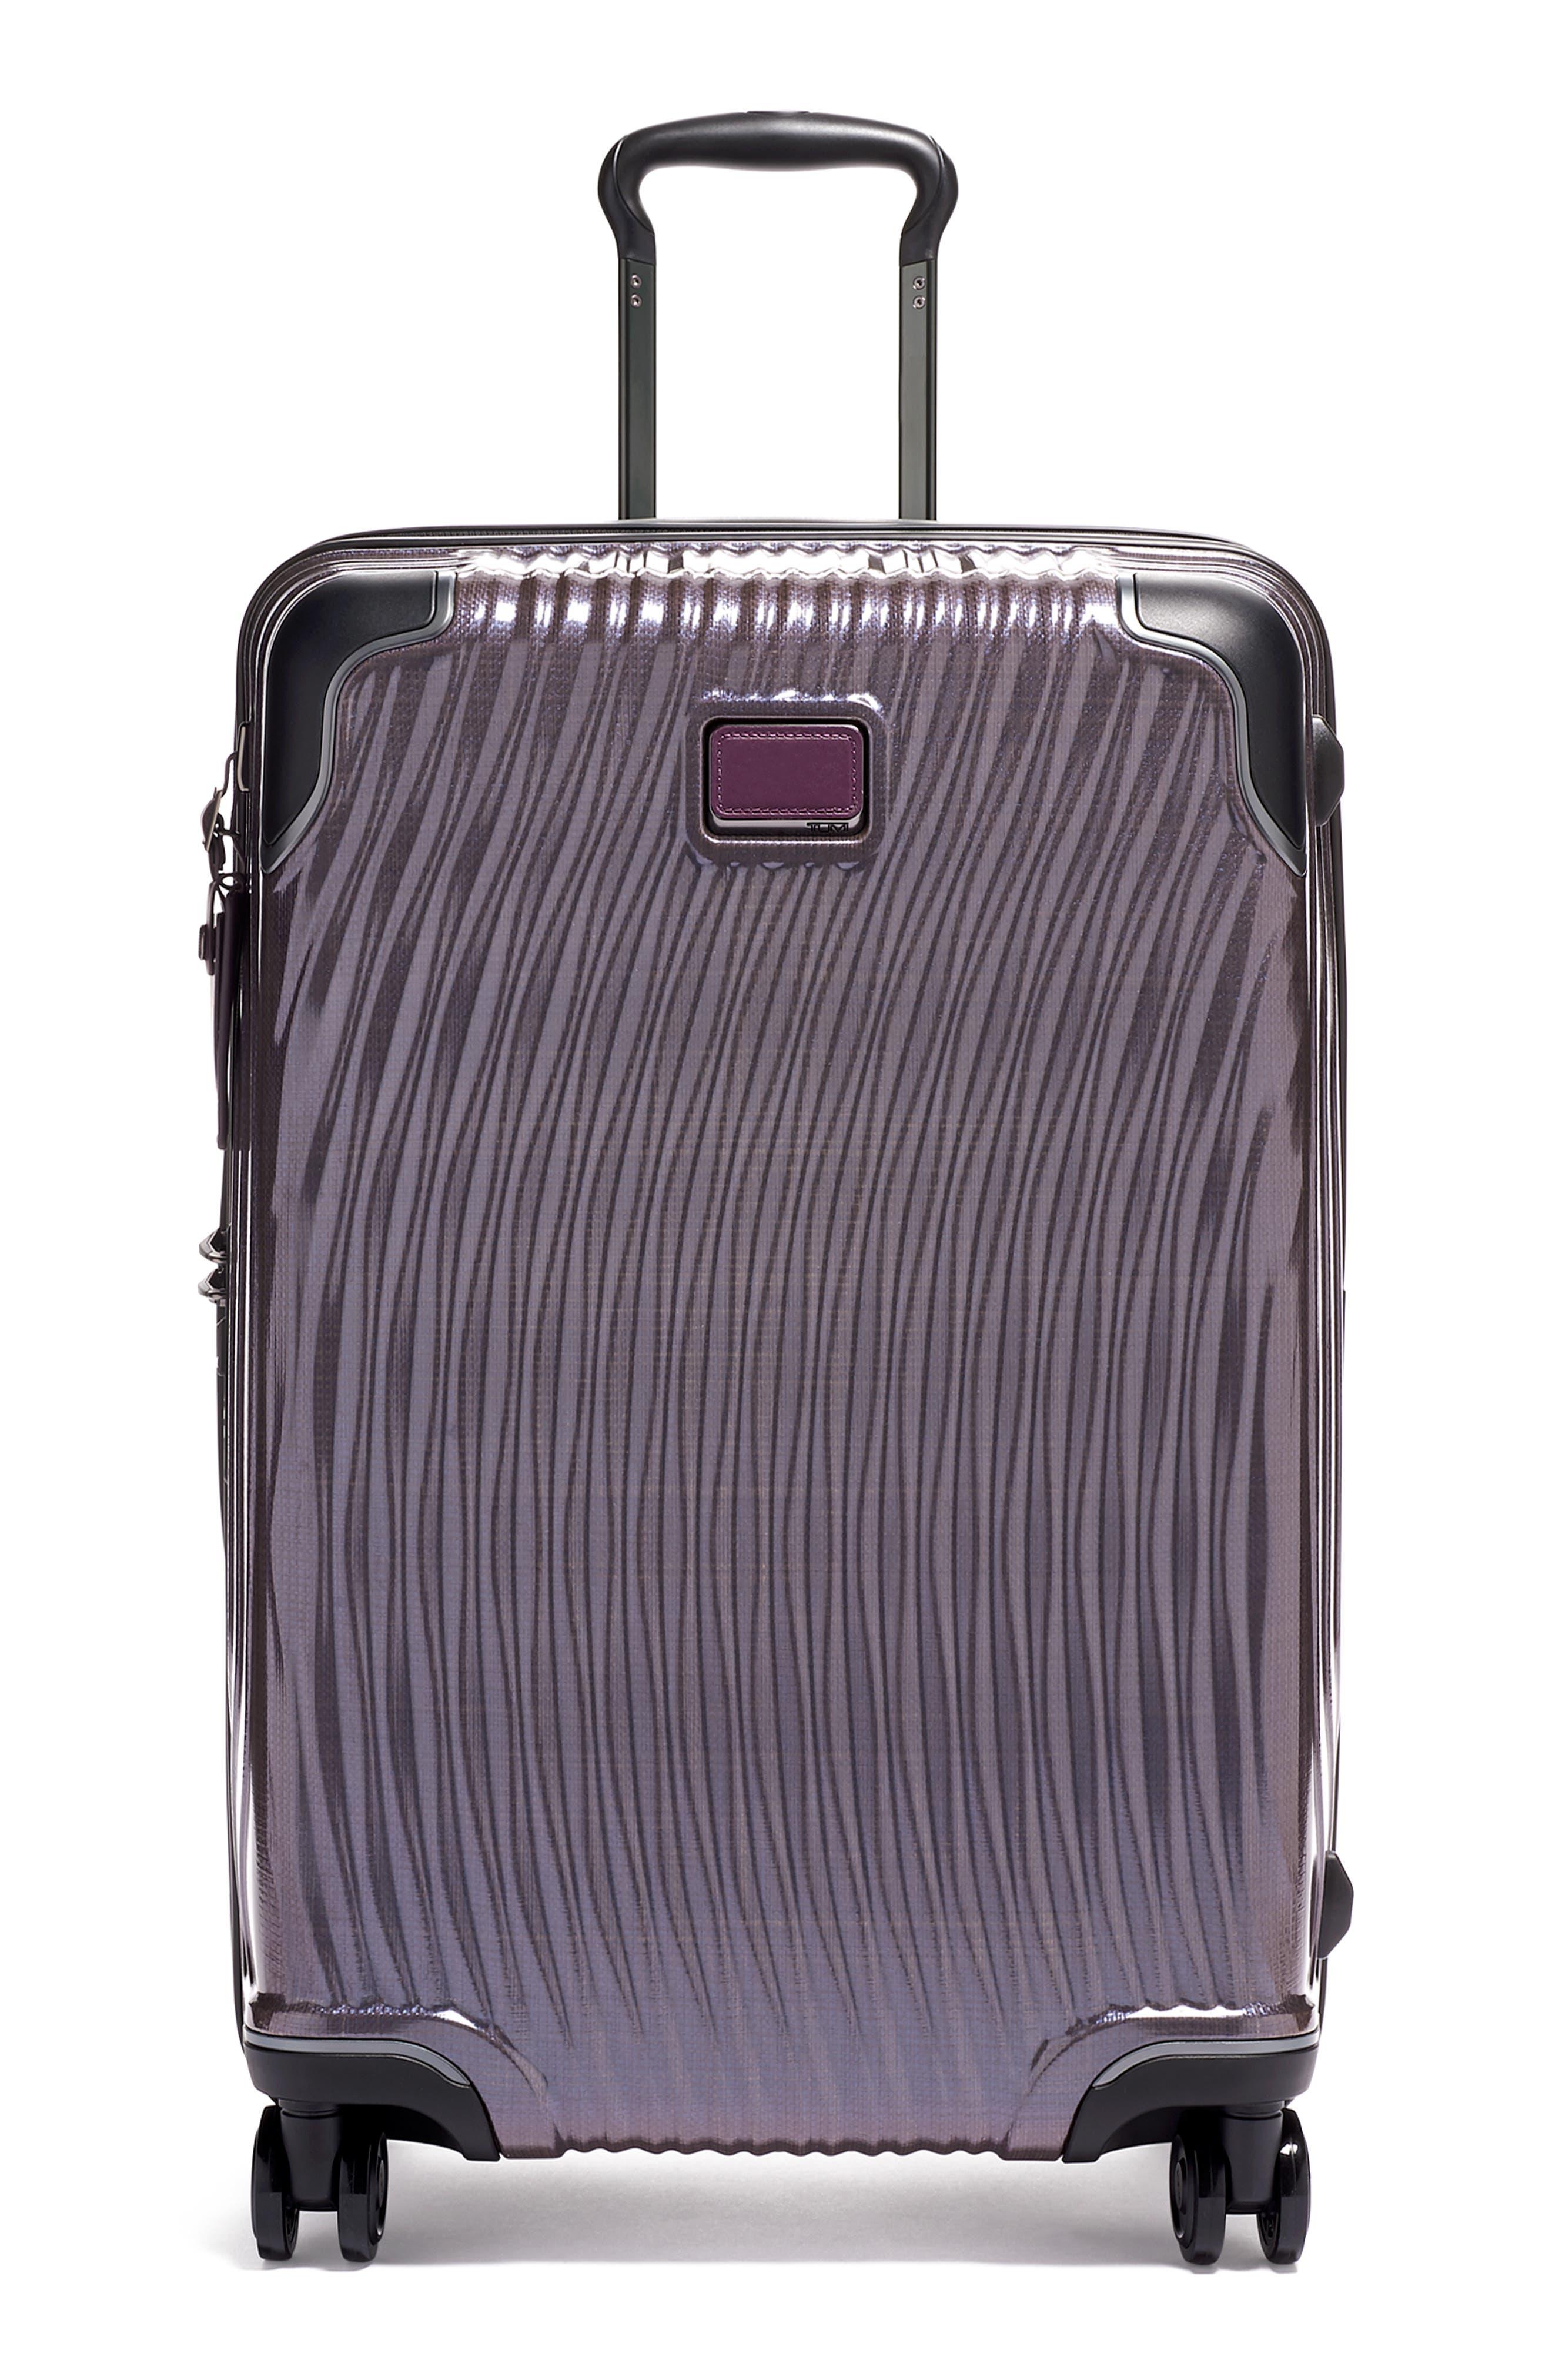 Tumi Bags Latitude 27-Inch Short Trip Rolling Suitcase